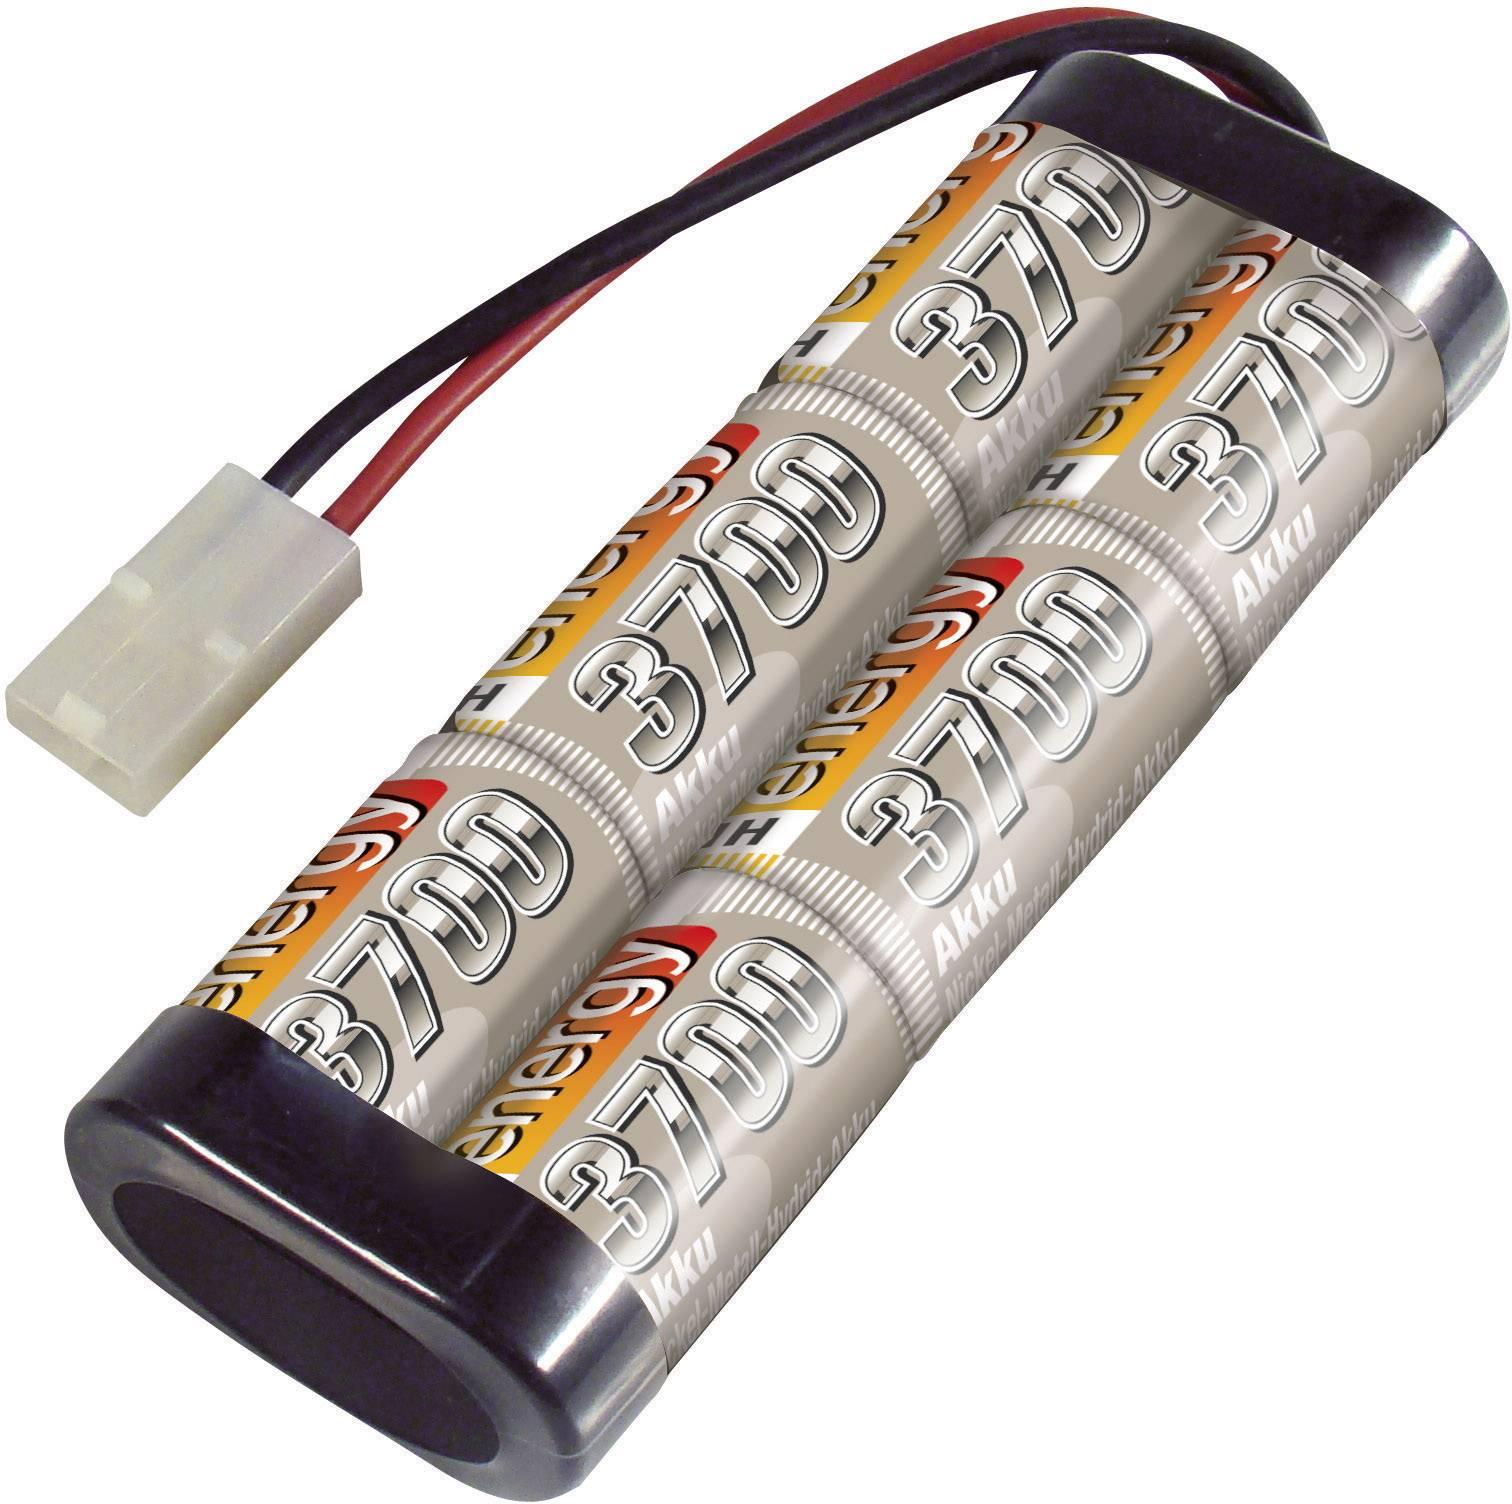 Akupack NiMH Conrad energy 206030, 7.2 V, 3700 mAh